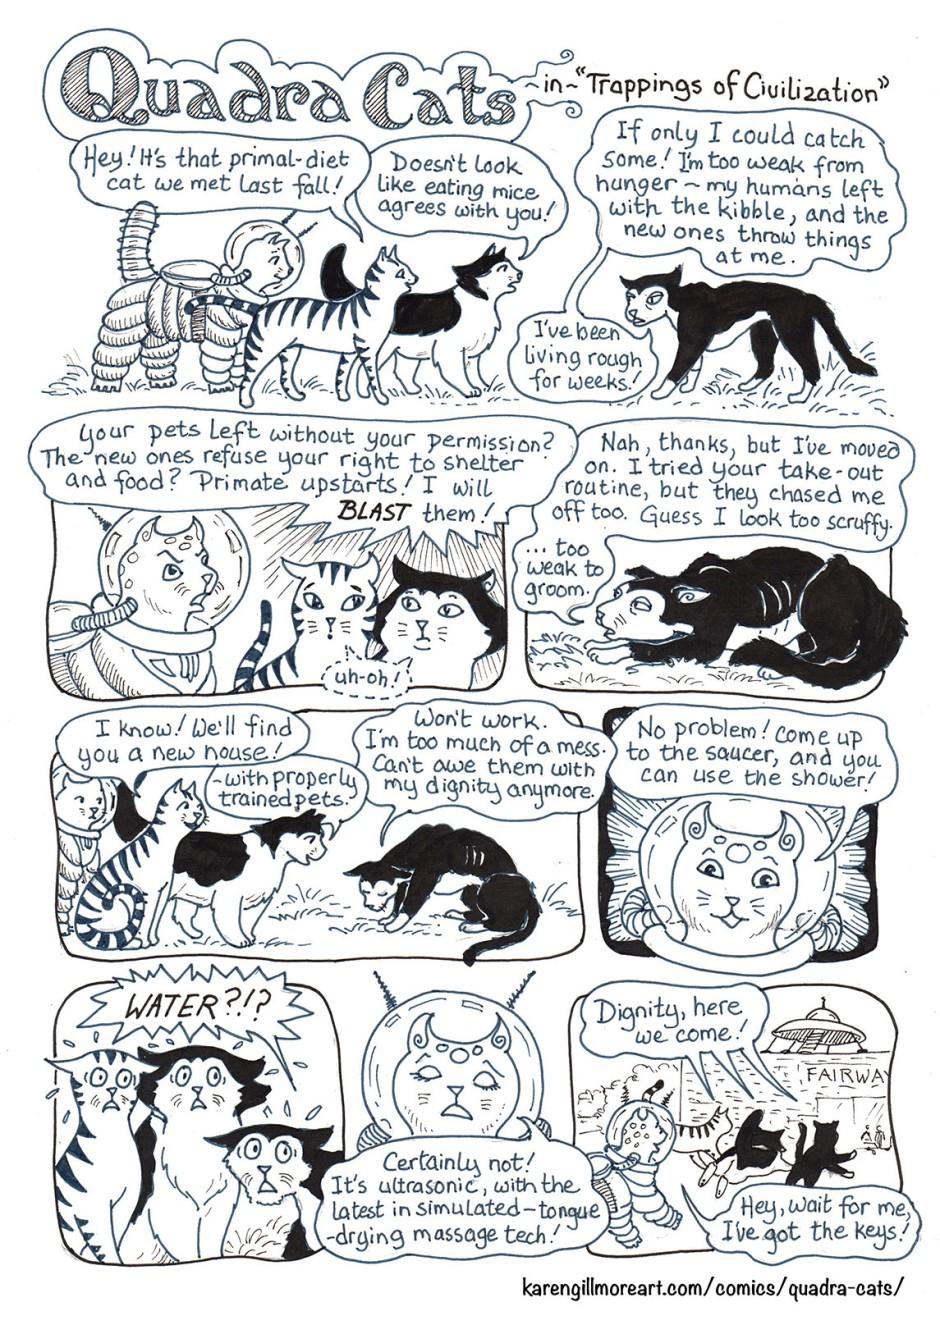 Quadra Cats civilization